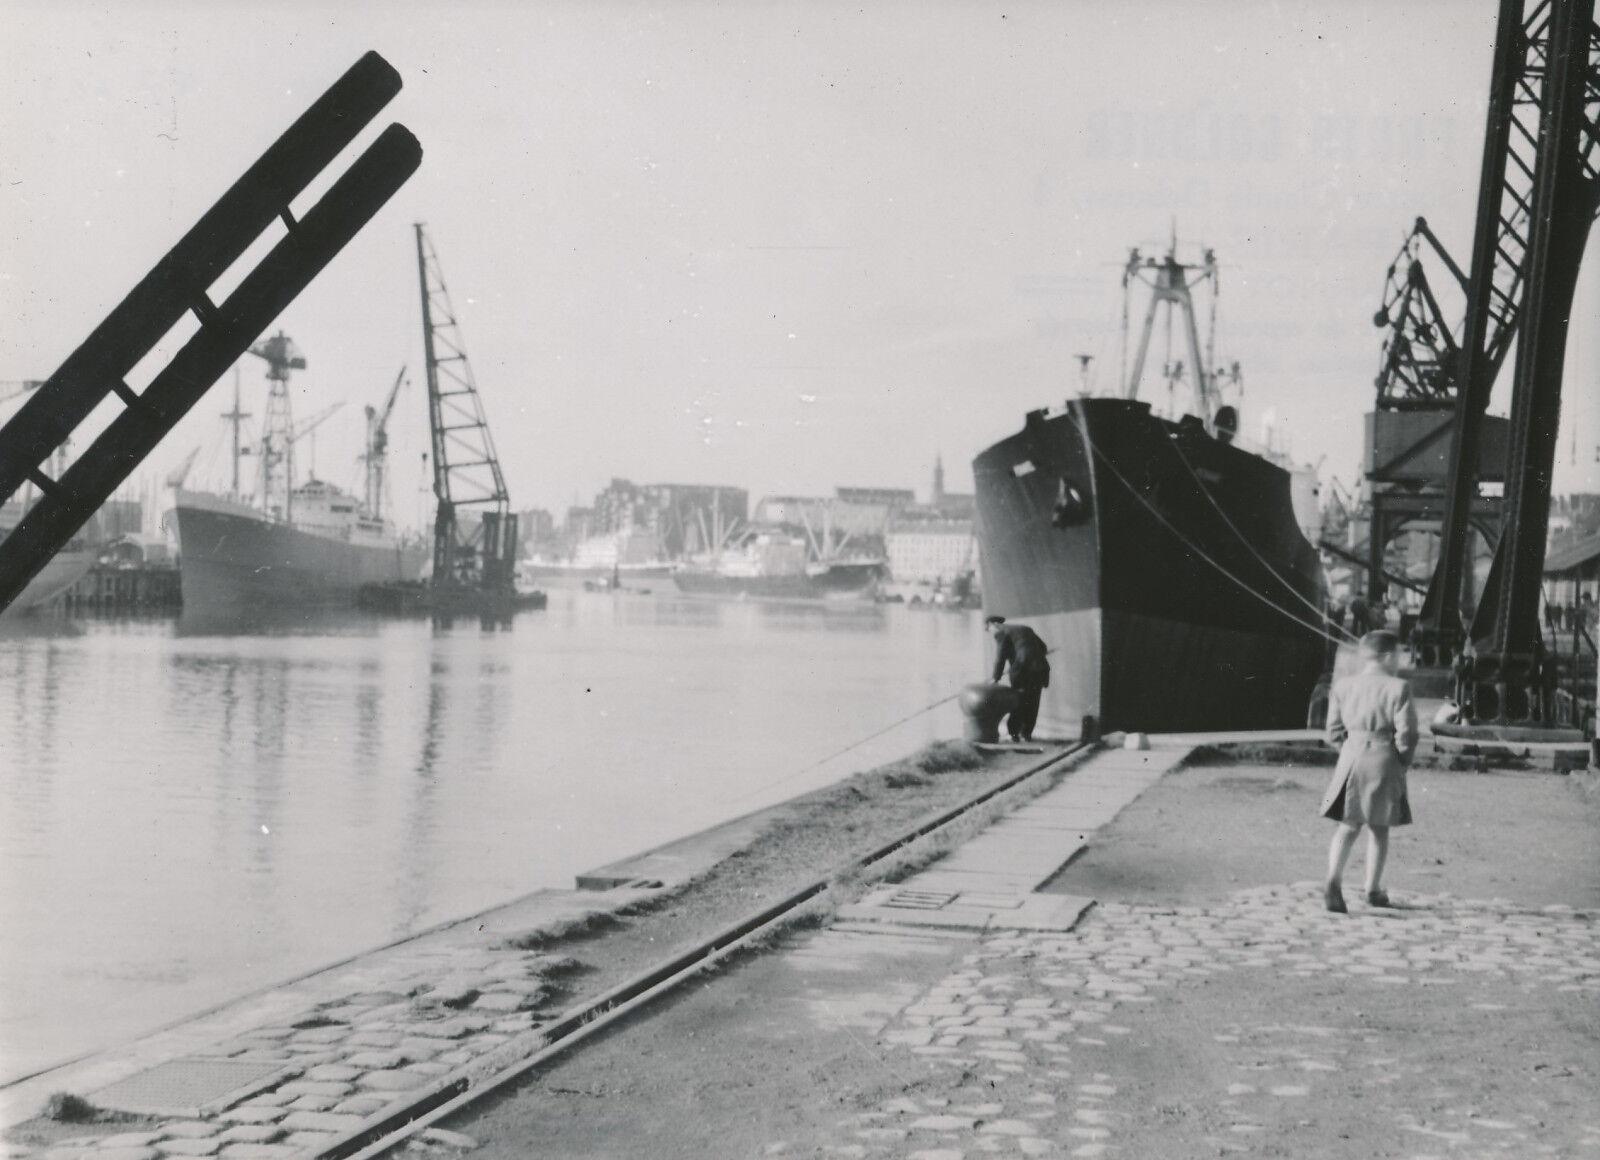 NANTES c. 1950 - Bateaux sur La Loire   Loire-Atlantique  - Div 7872